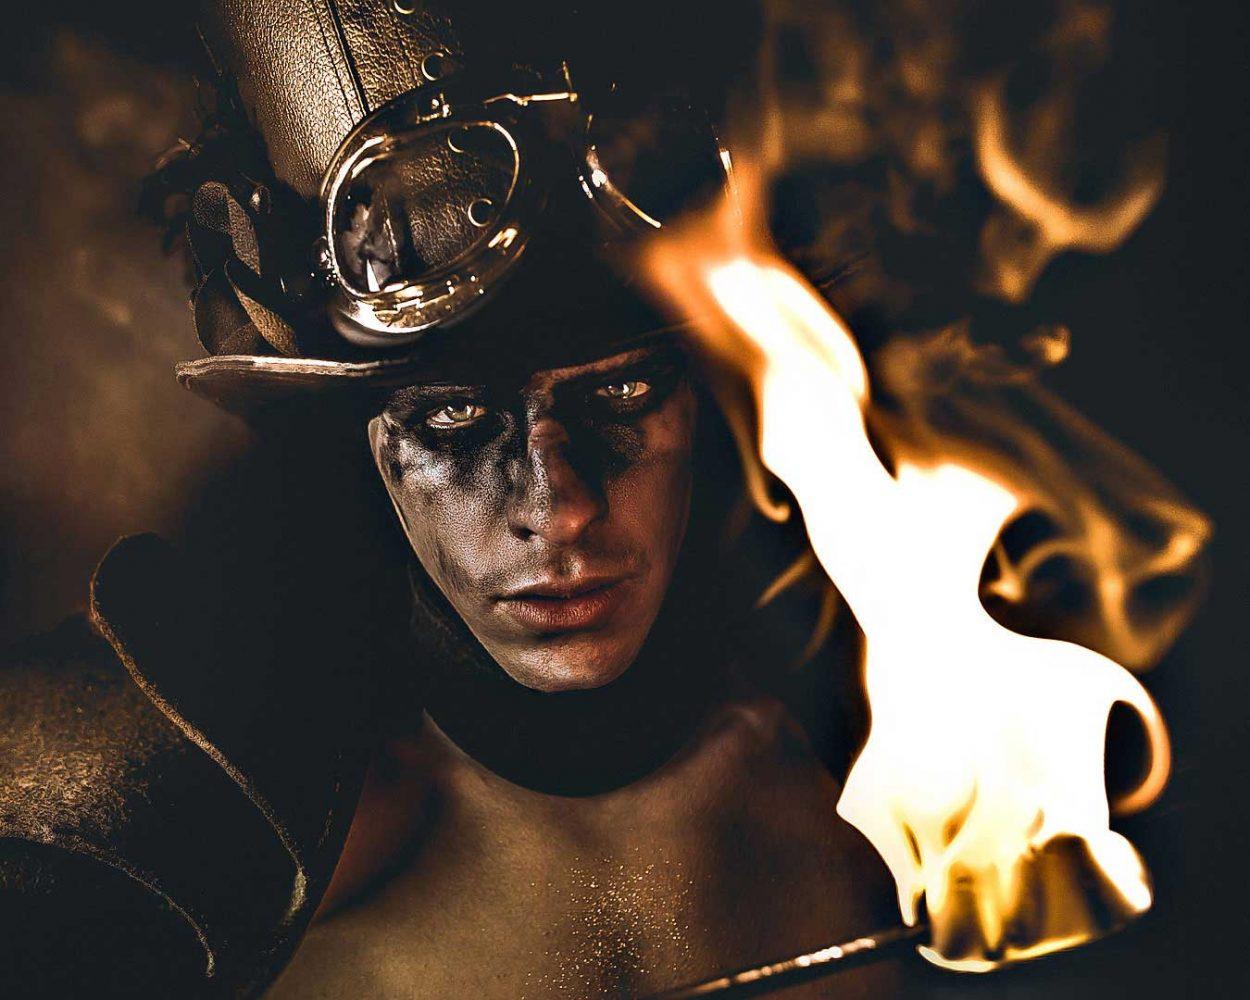 fire breather firebreather steampunk fire sputafuoco natural light alberto feltrin ritratto portrait